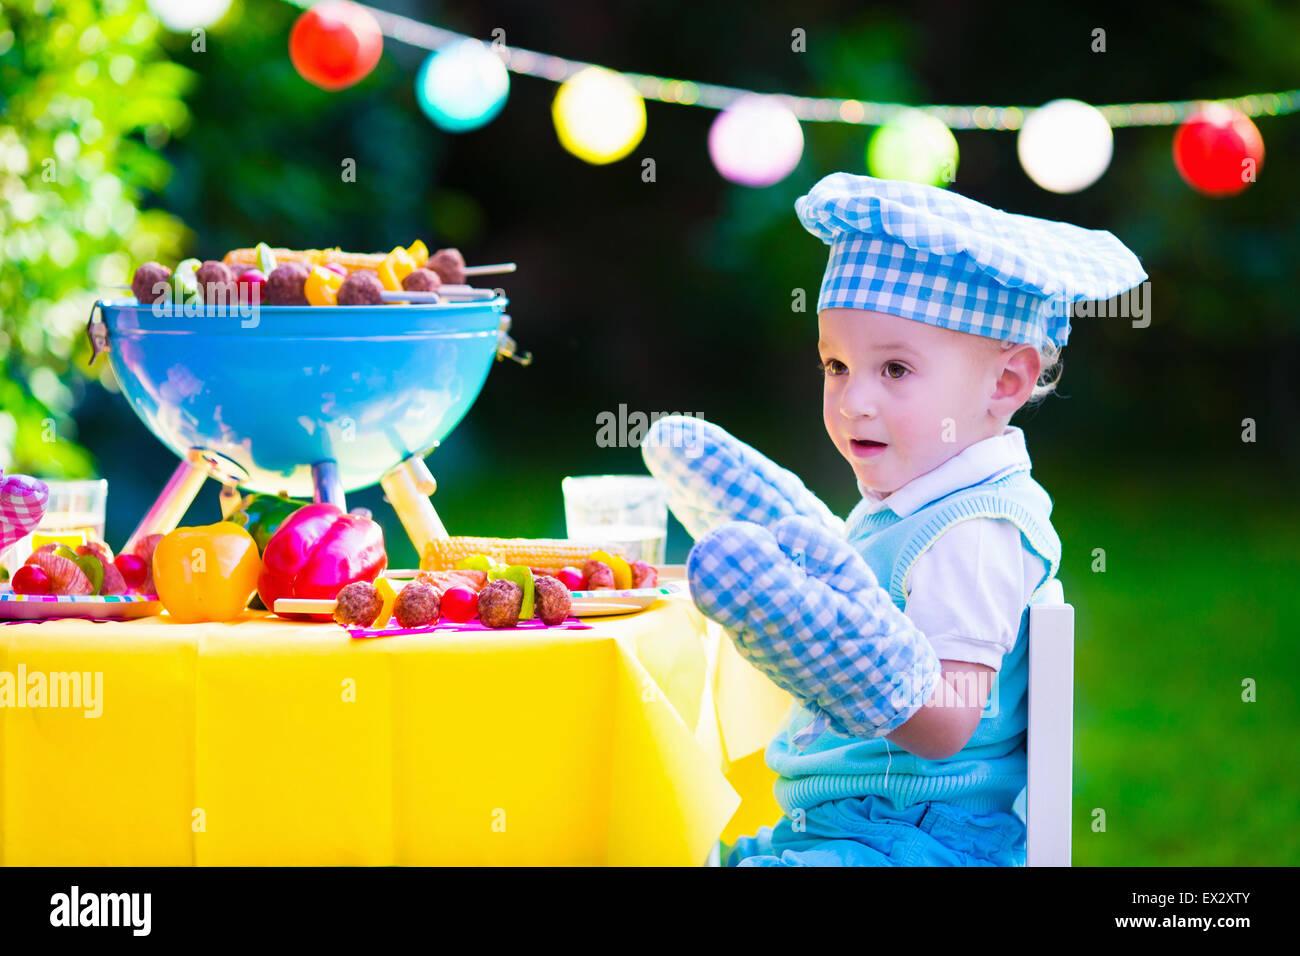 Kinder Grillen von Fleisch. Familien-Campingplatz und Grill genießen. Kleiner Junge am Grill vorbereiten, Steaks, Stockbild